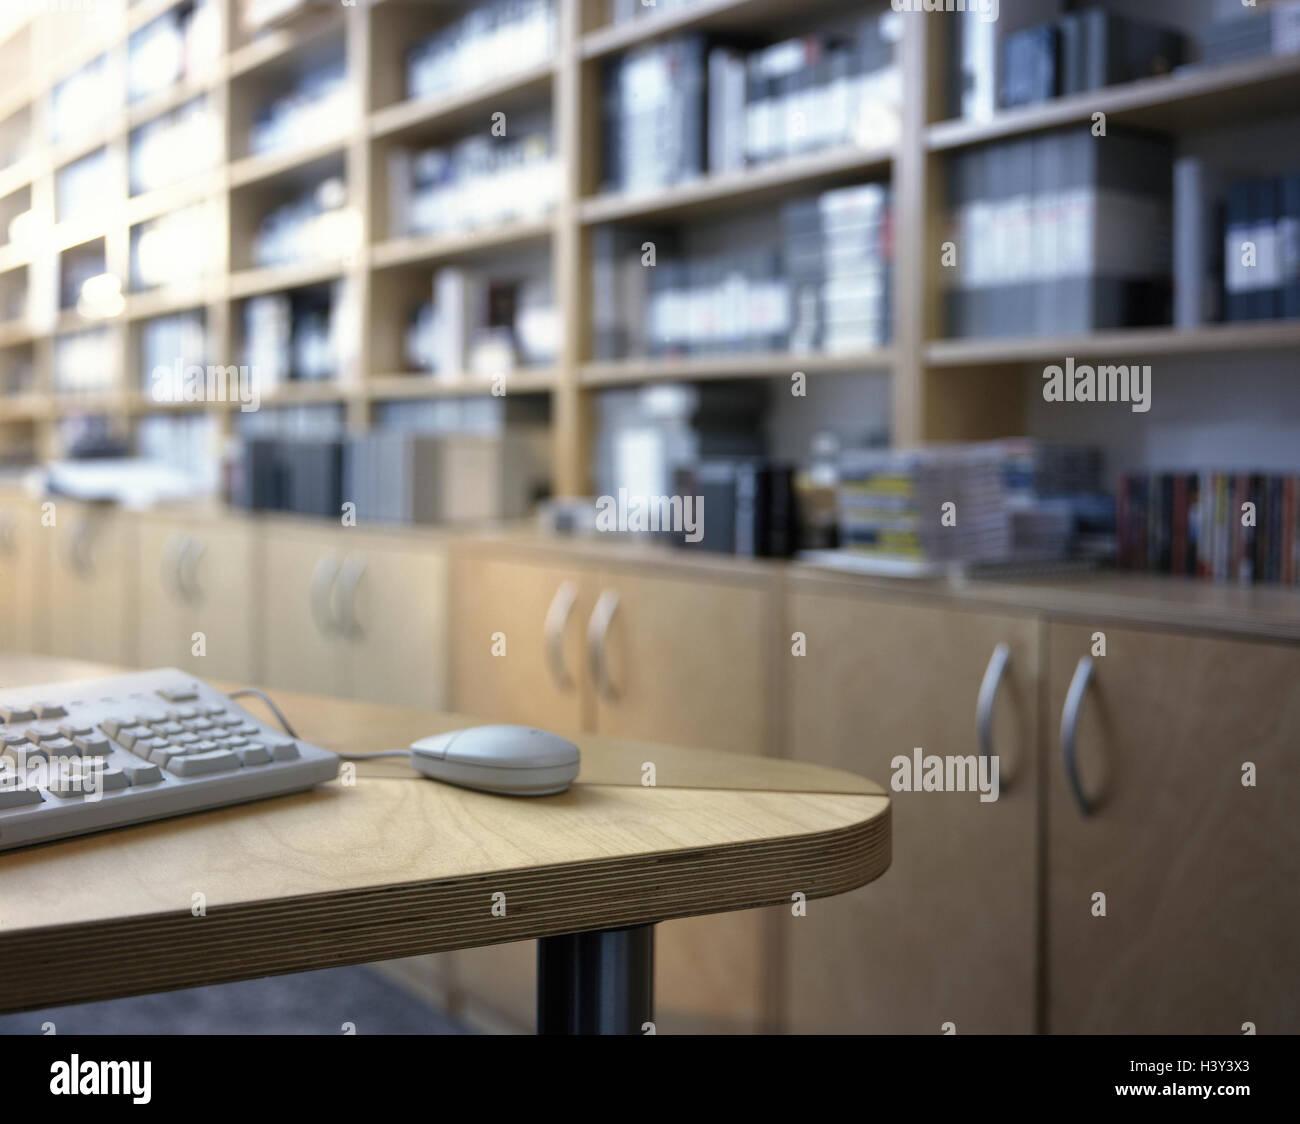 Wand Zu Wand Regale Schreibtisch Detail Buro Computer Tastatur